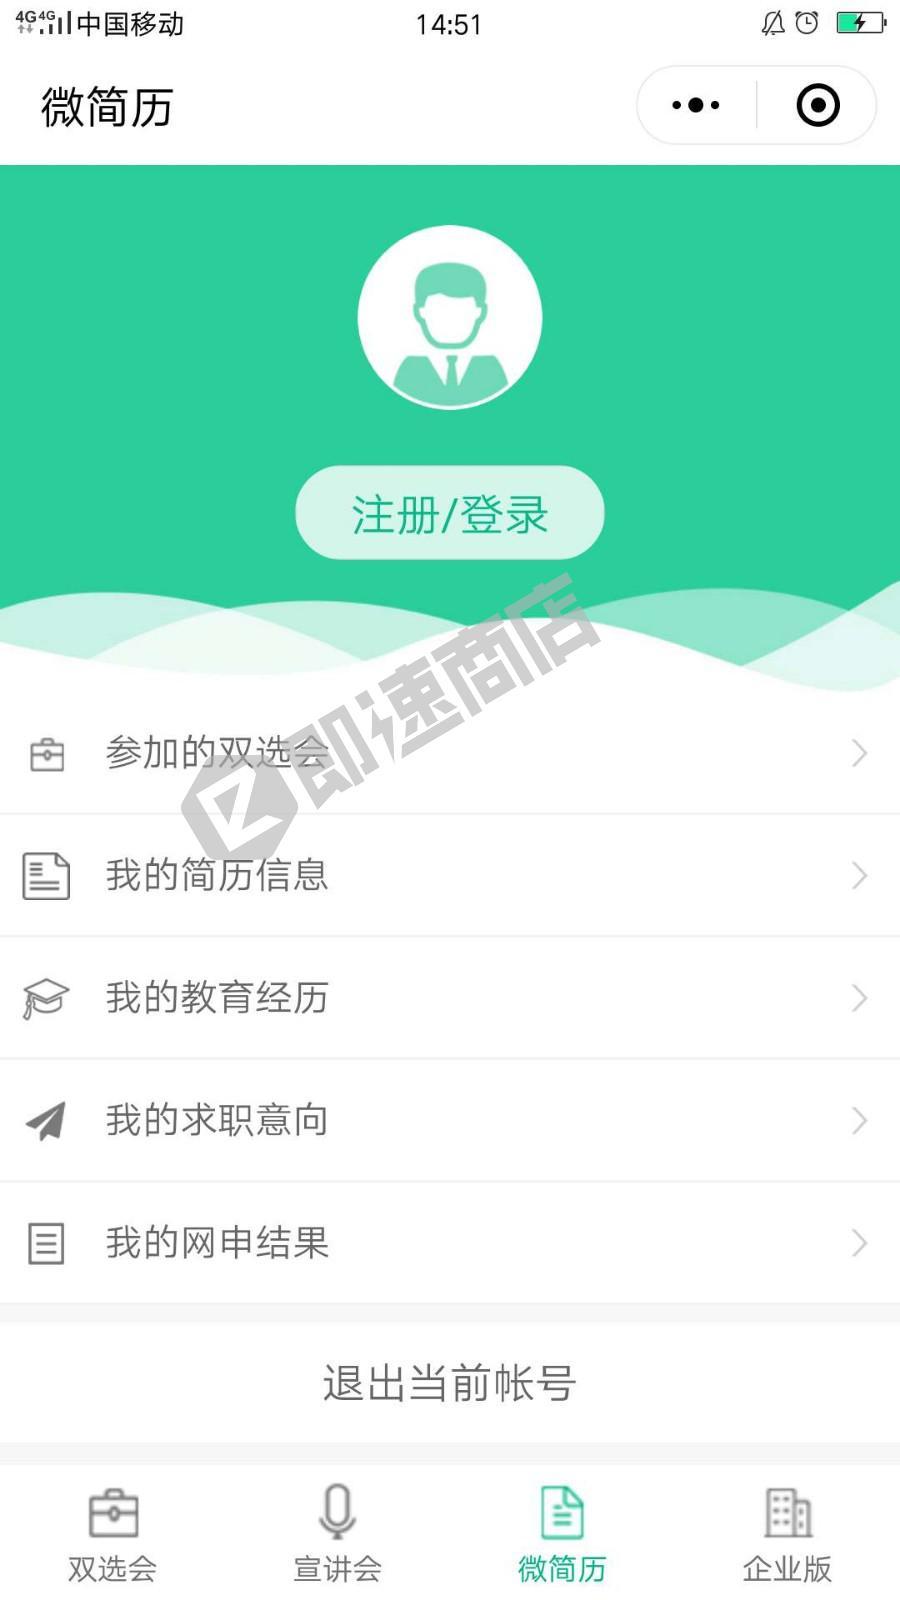 九博智慧校招小程序首页截图